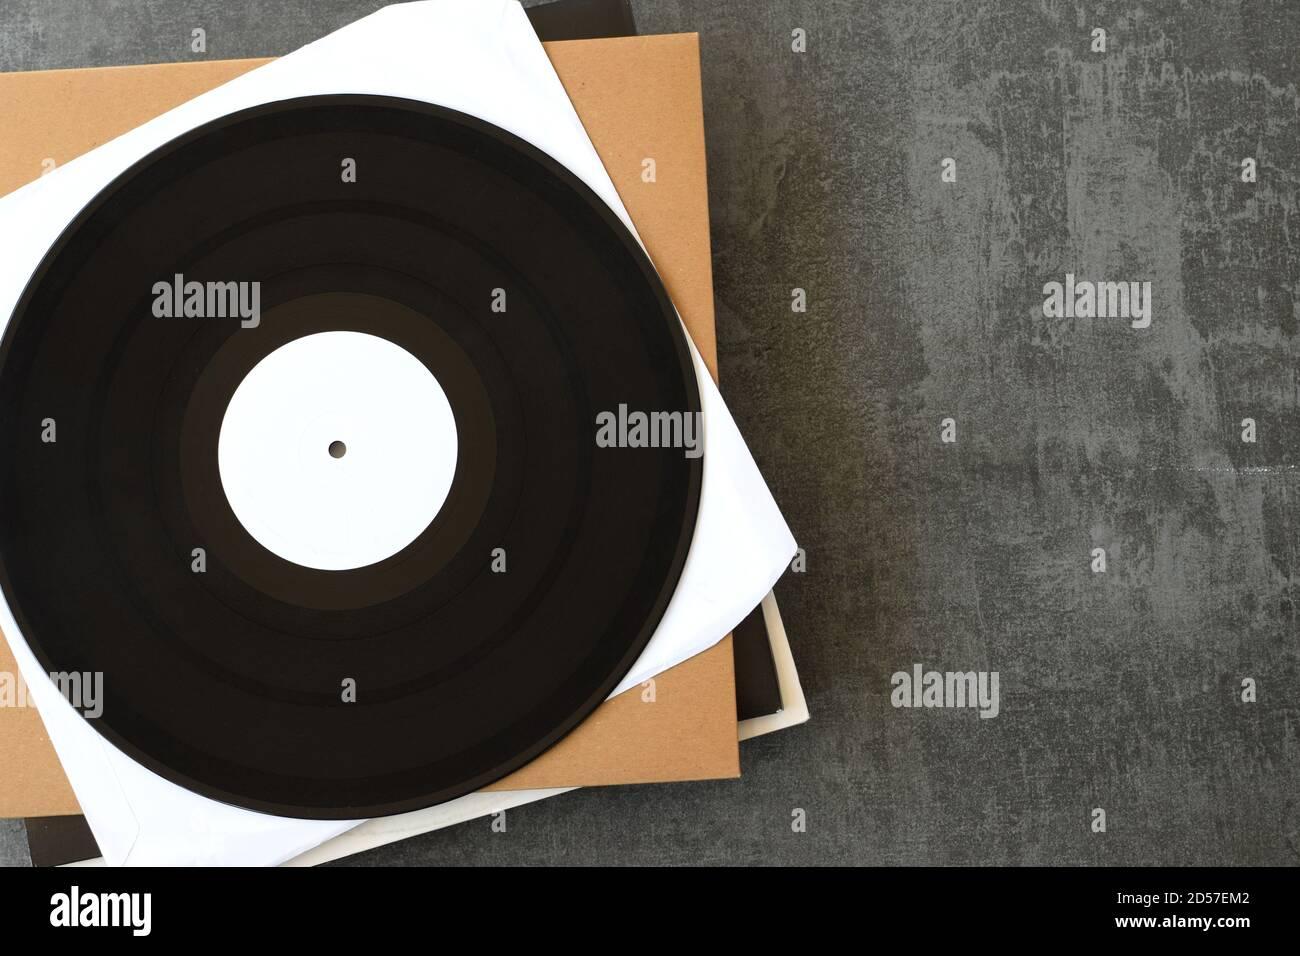 White Label Vinyl nimmt Musik Hintergrund mit Copy-Space. Stockfoto